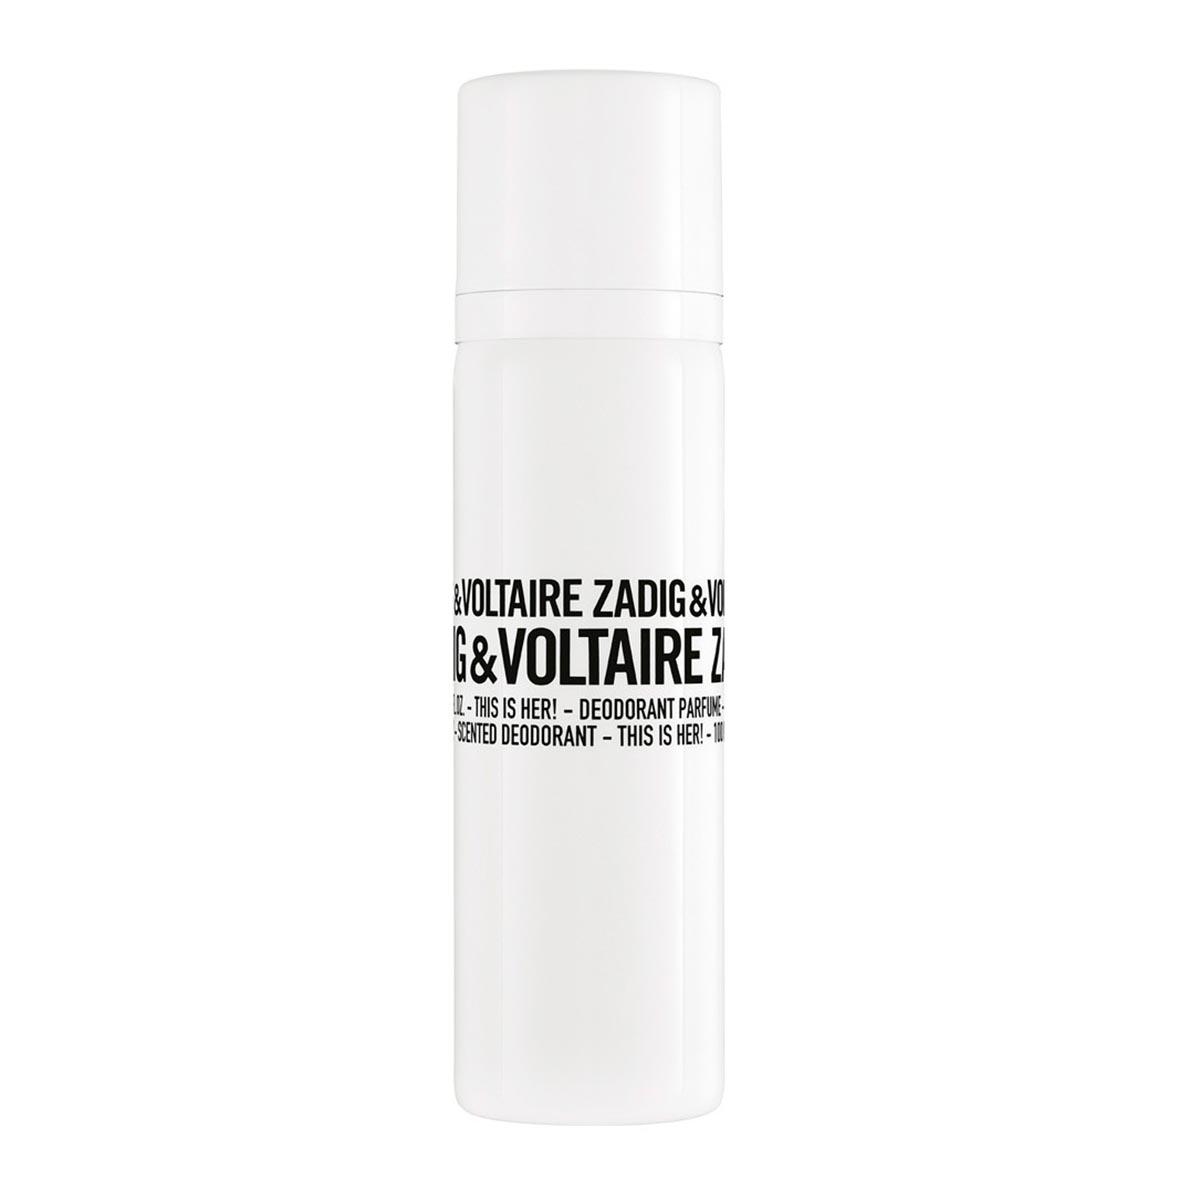 Zadig voltaire this is her desodorante 100ml vaporizador